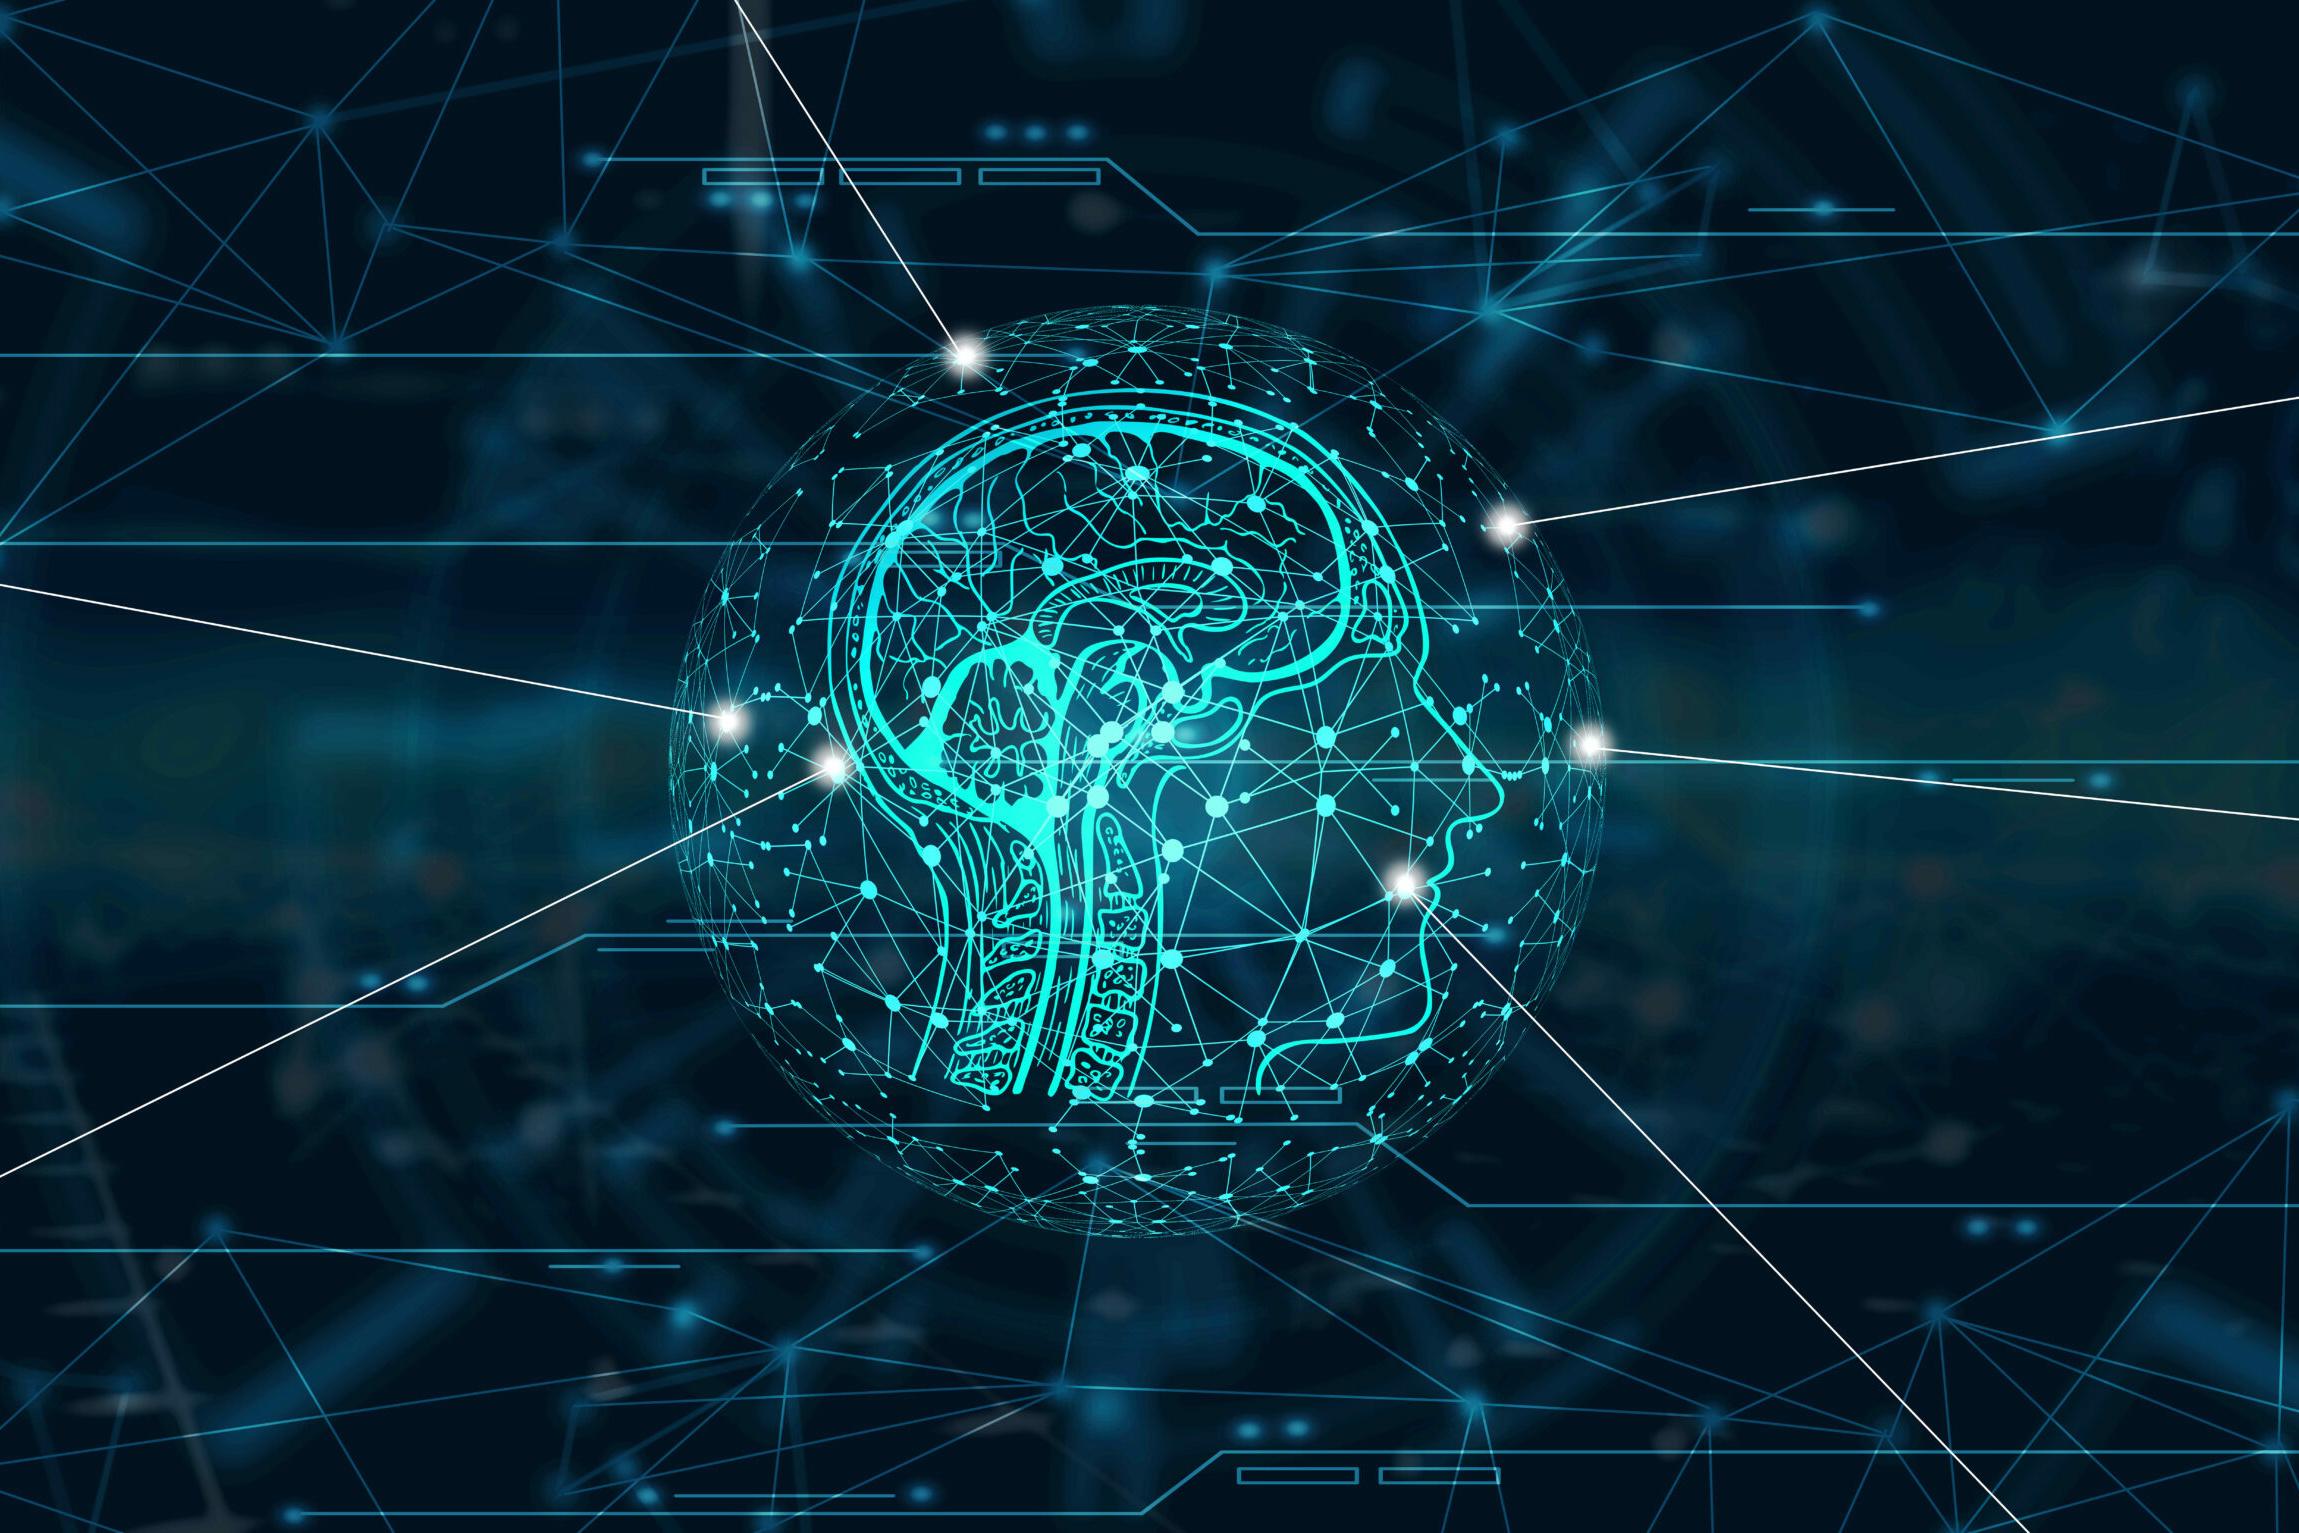 Ziele: Grafik vom Gehirn des Menschen im Kopf